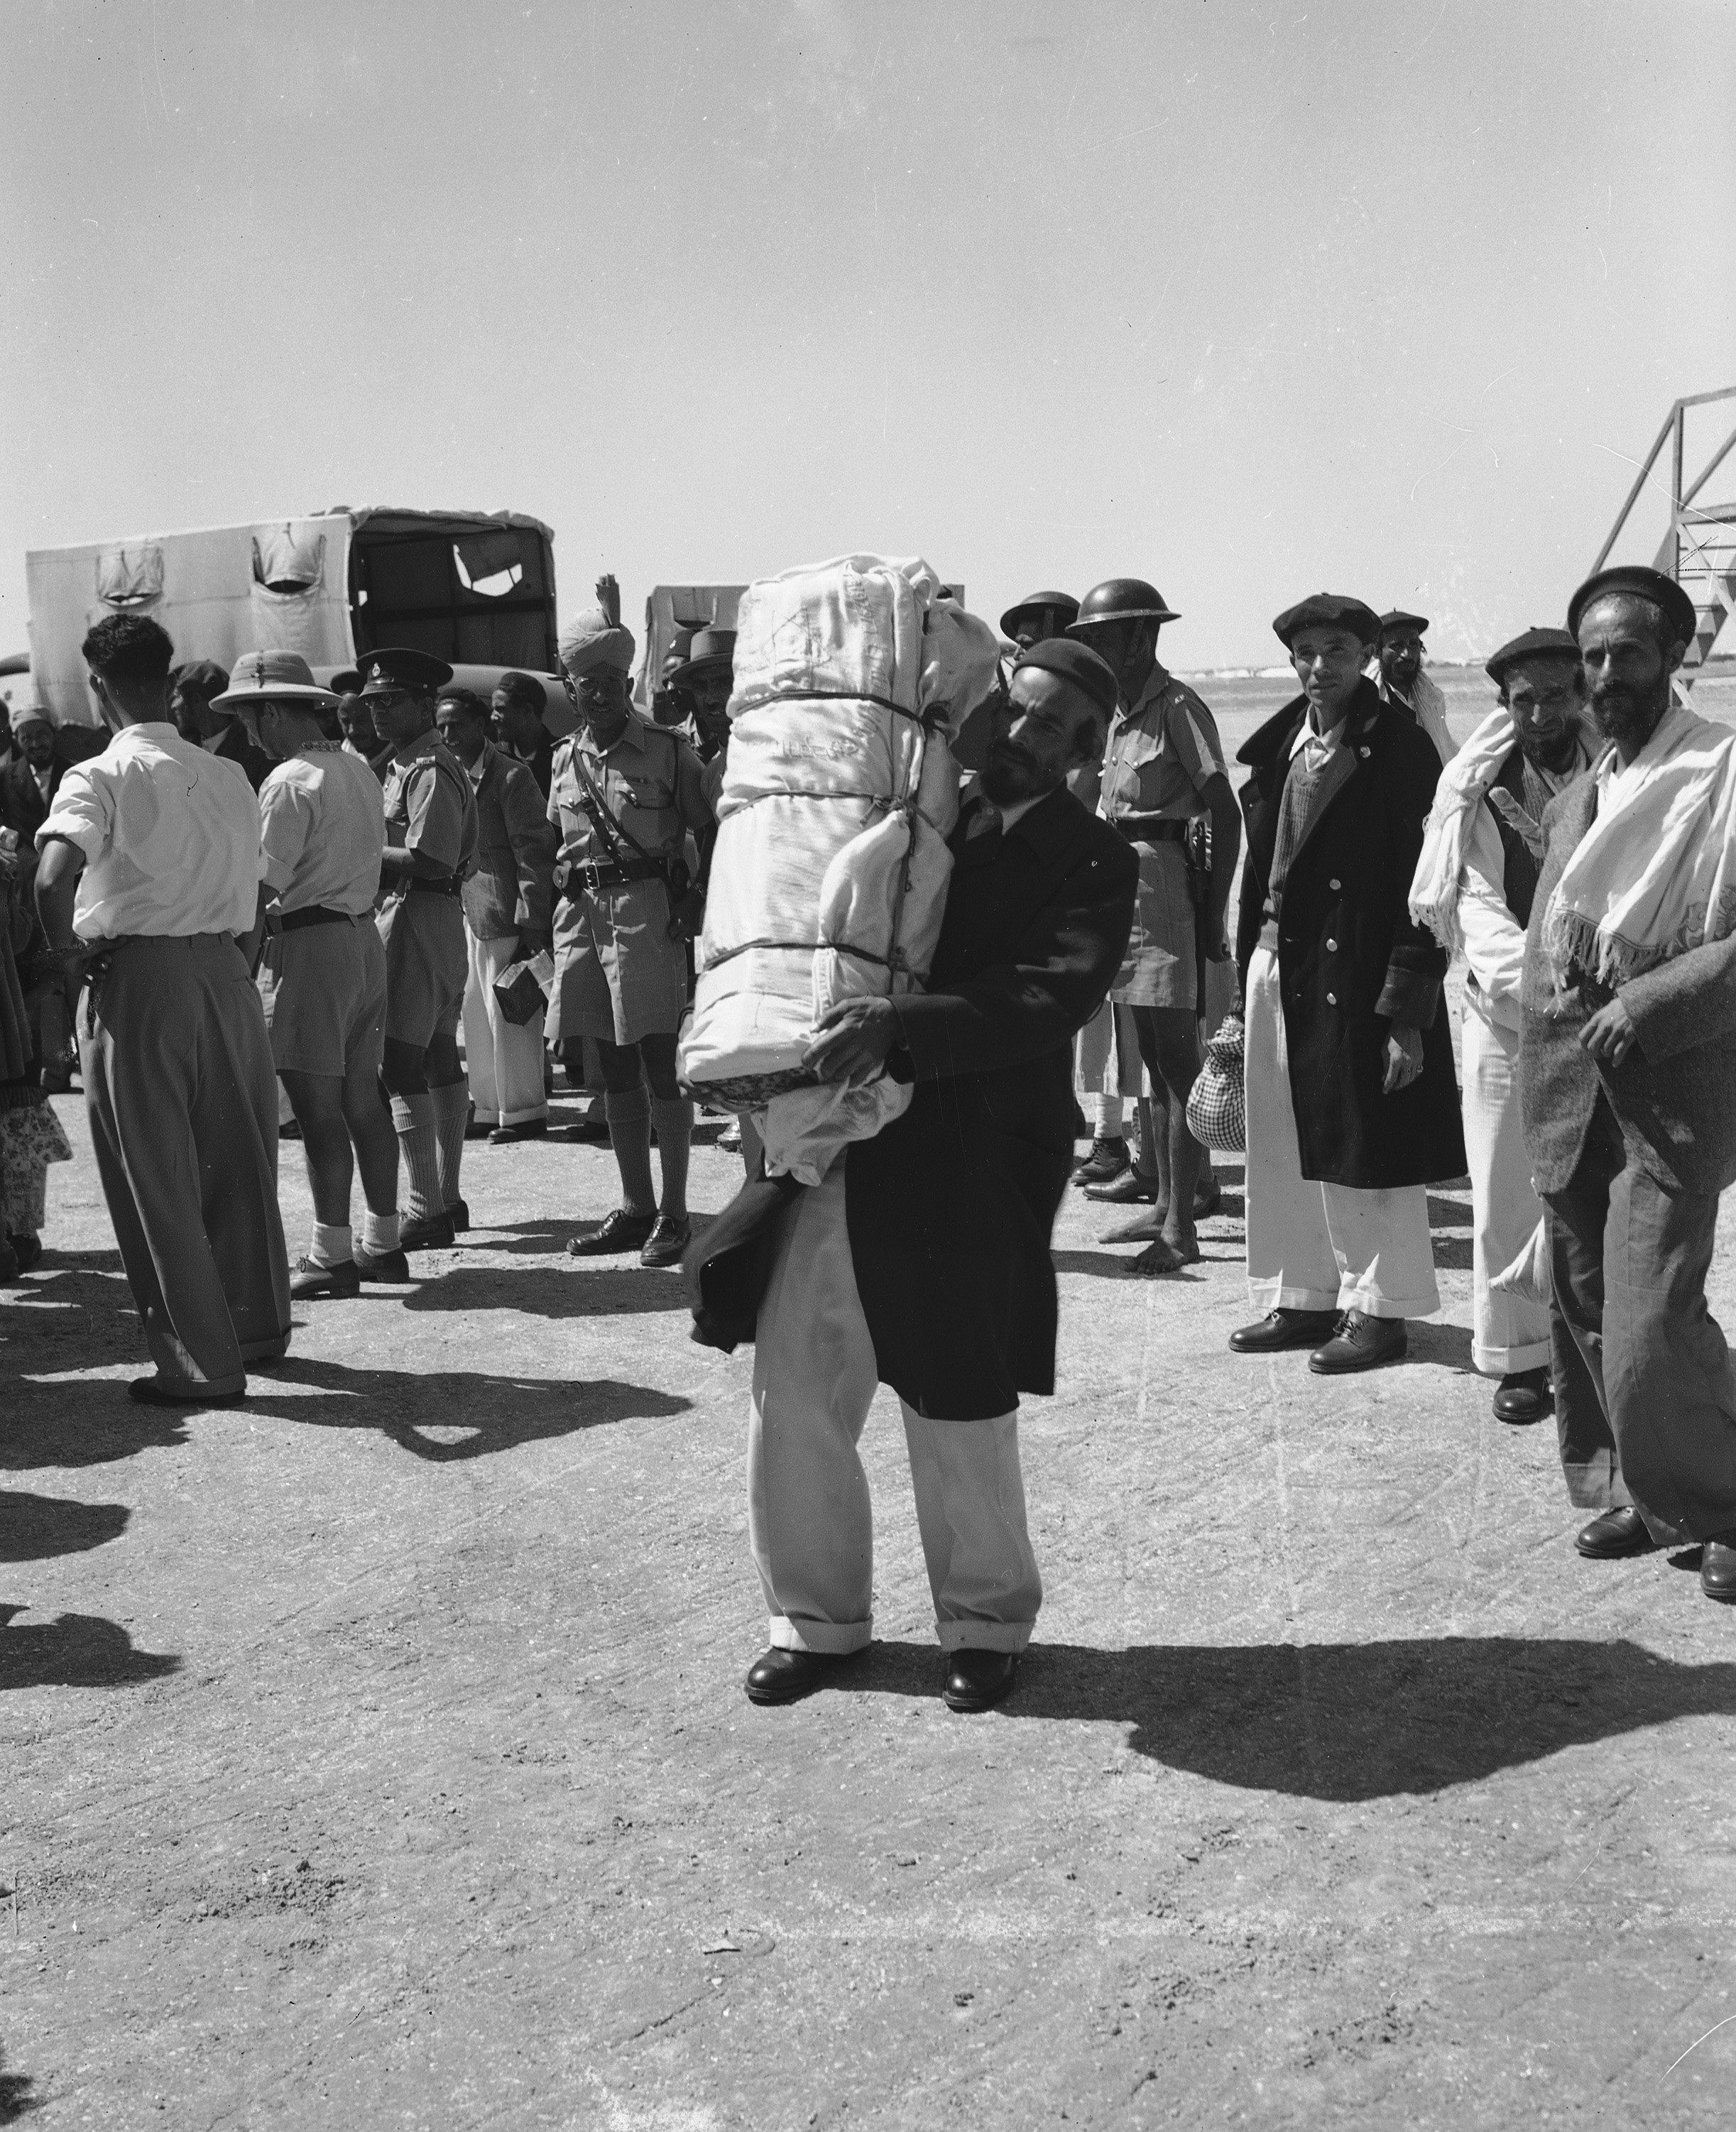 Israel compte demander des compensations financières à des pays arabes pour les biens spoliés aux